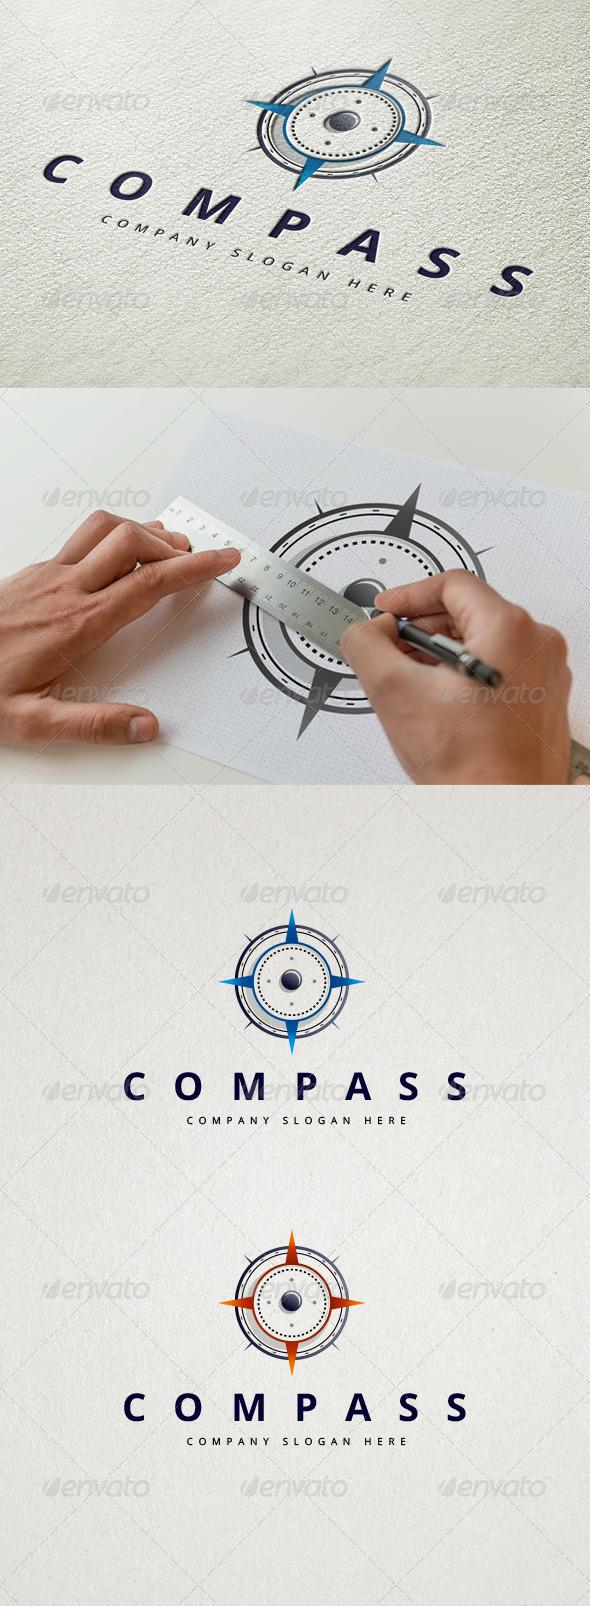 GraphicRiver Compass Logo 7785369